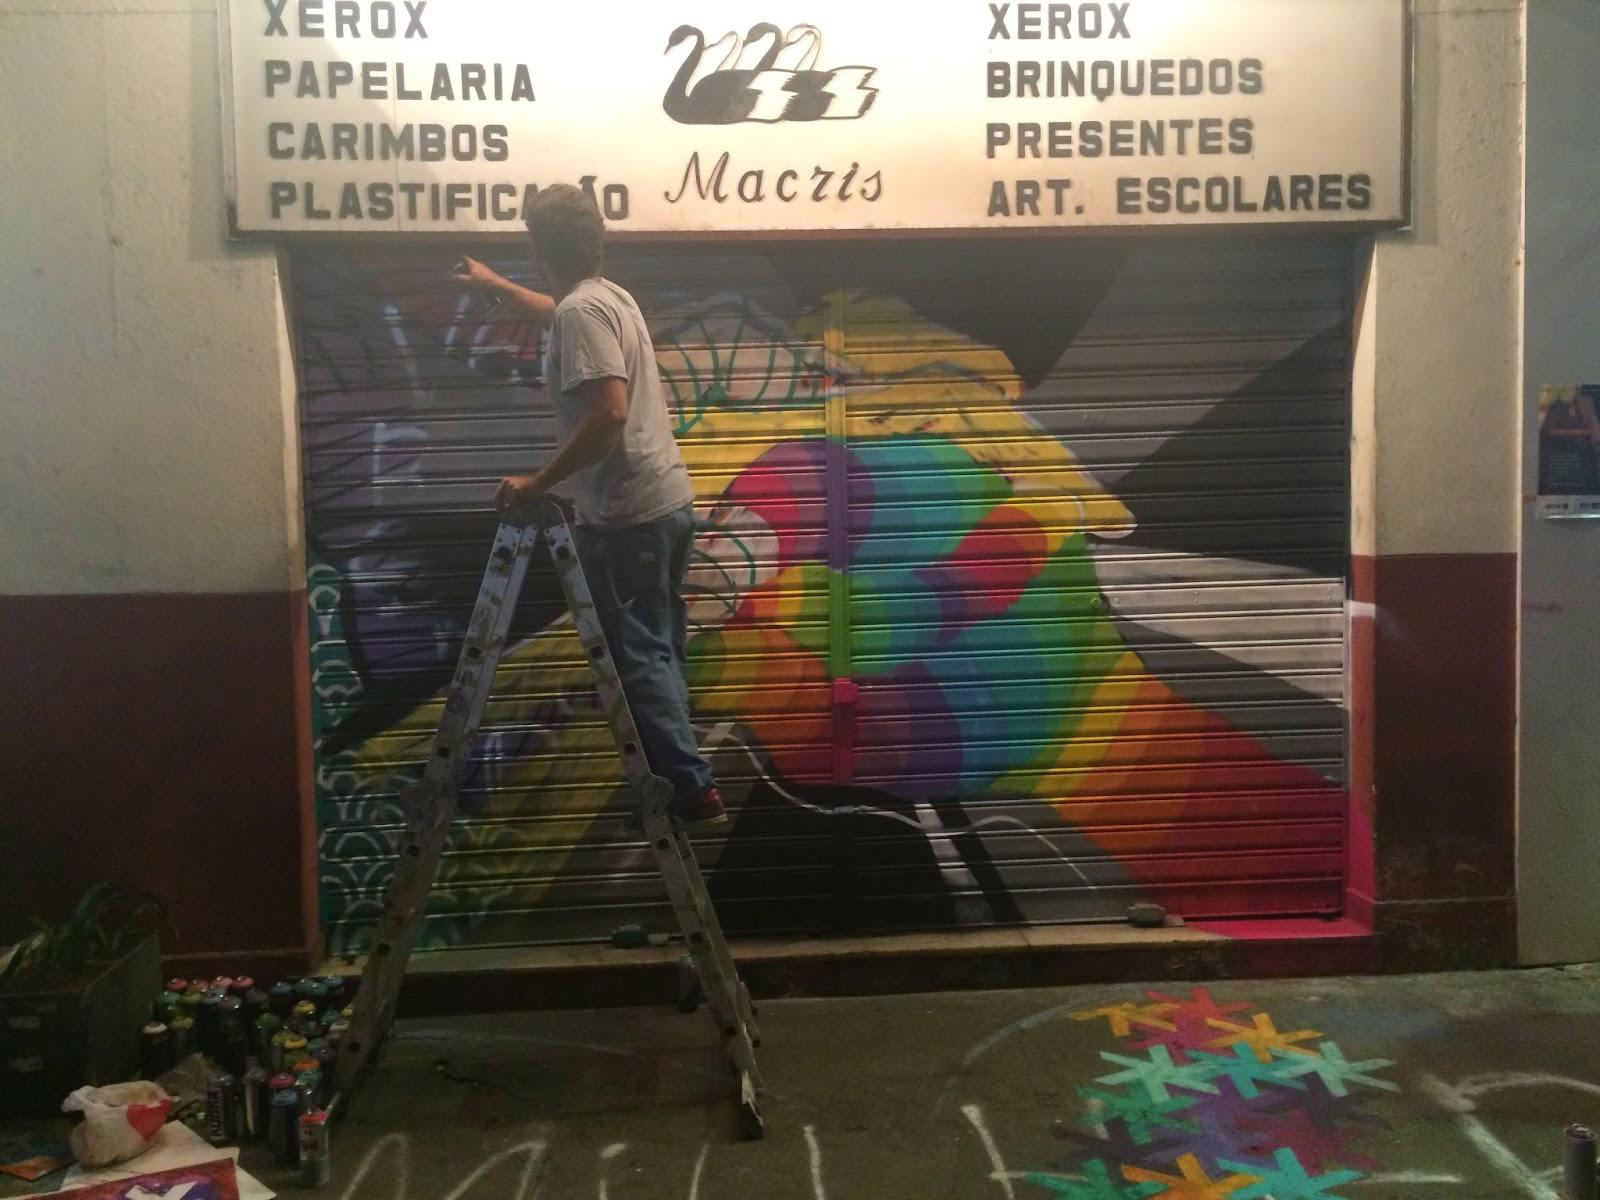 Artistas se unem e pintam portas de loja com pichações homofóbicas no Rio